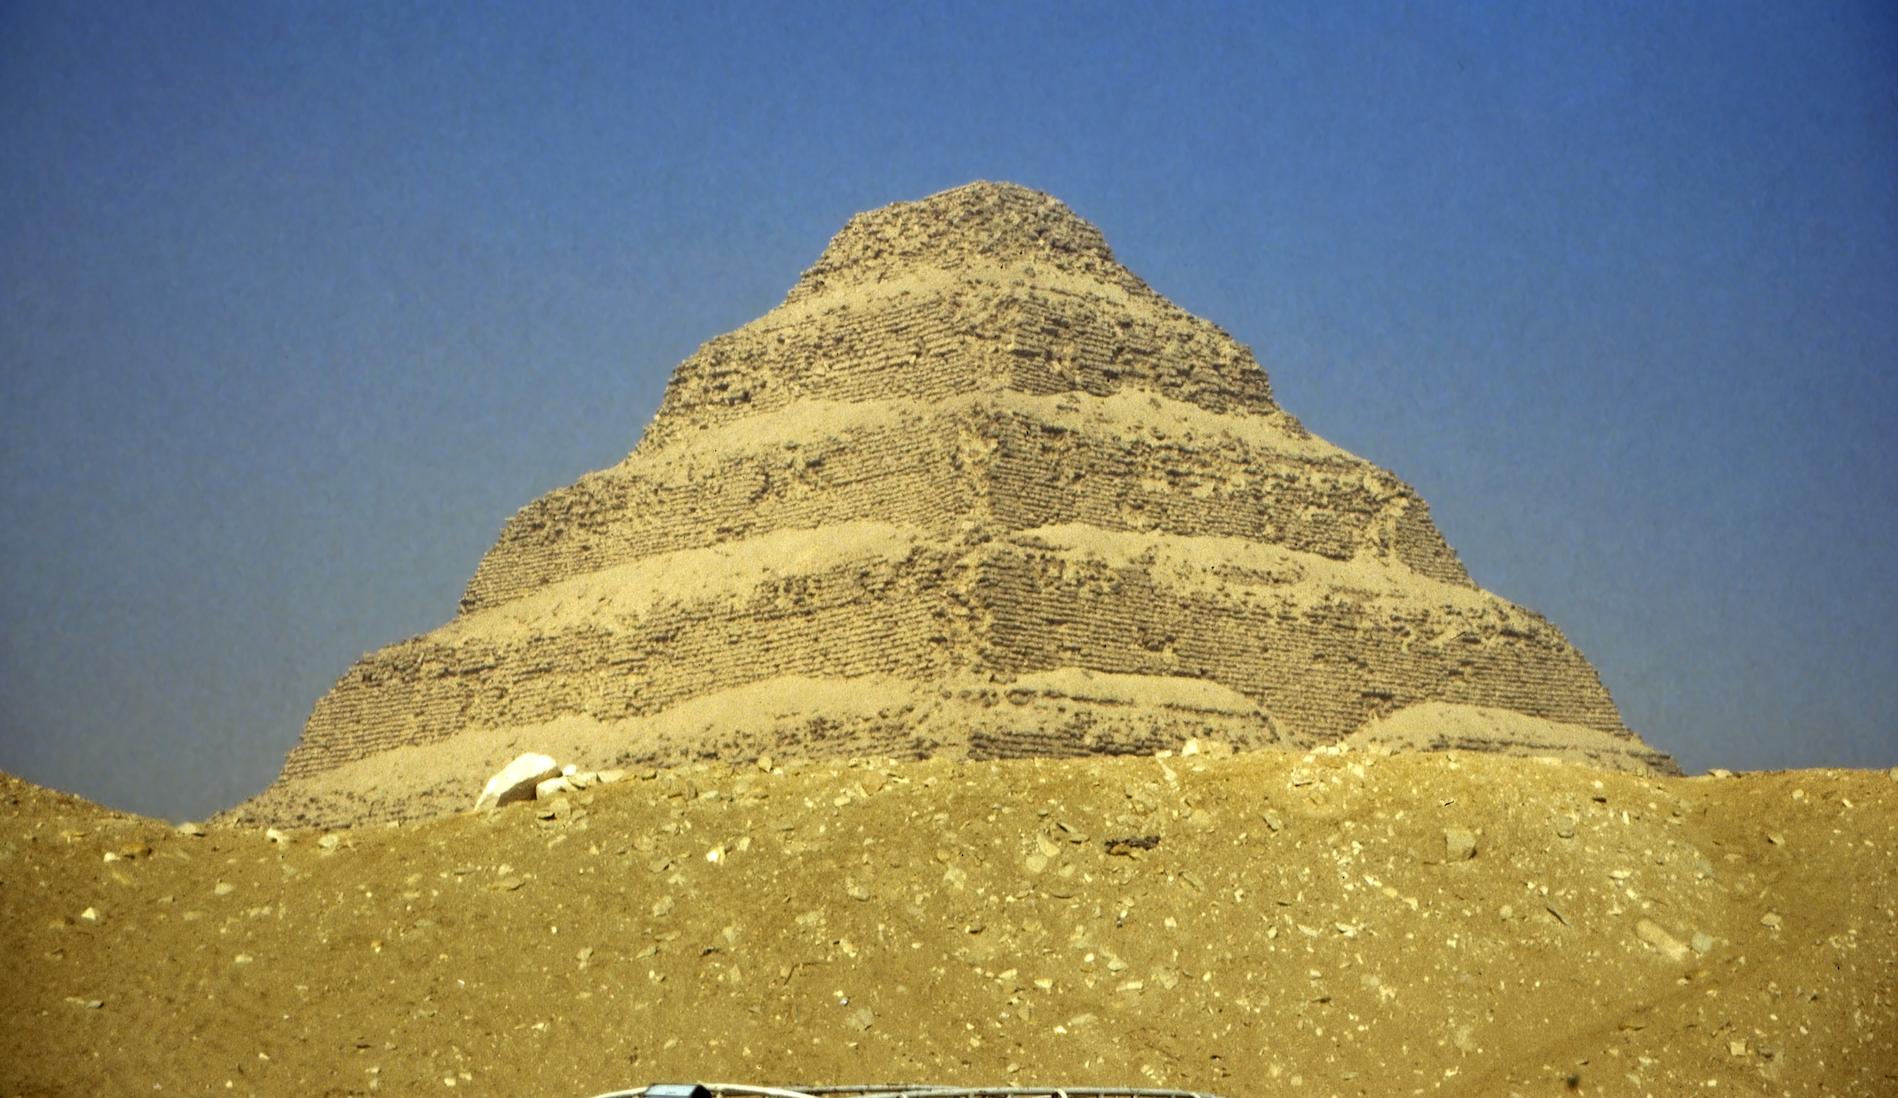 La Pirámide escalonada de Saqqara es la 'madre' de todas las pirámides del mundo (Fotografía bajo licencia de Creative Commons).